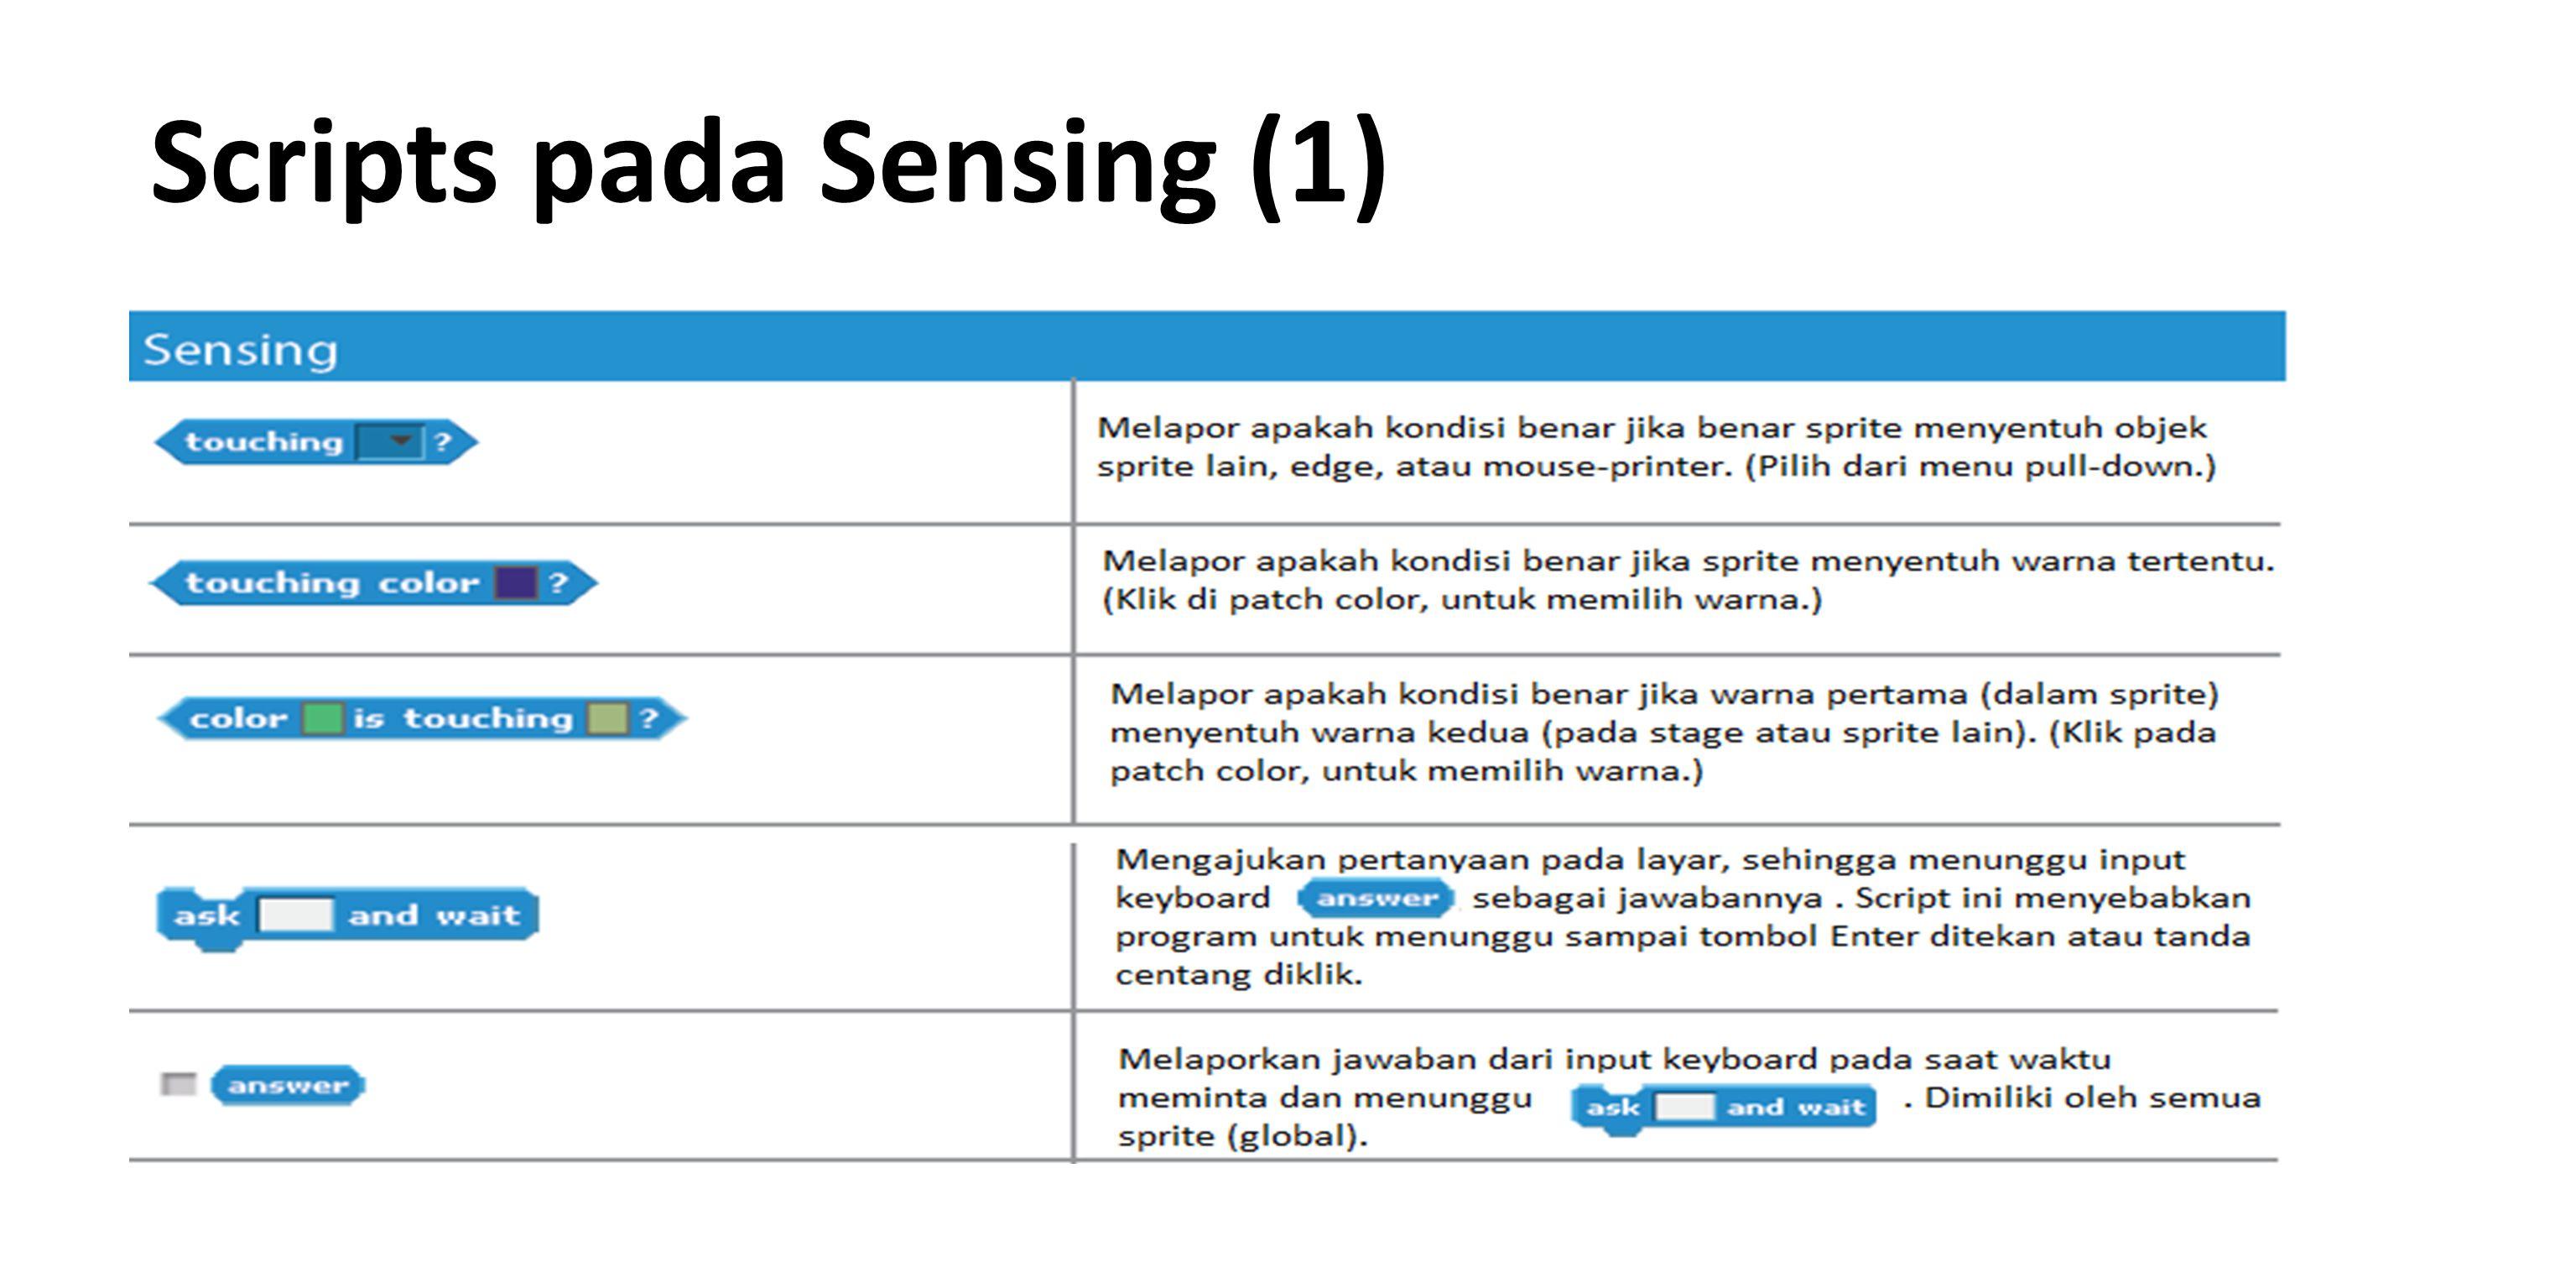 Scripts pada Sensing (1)